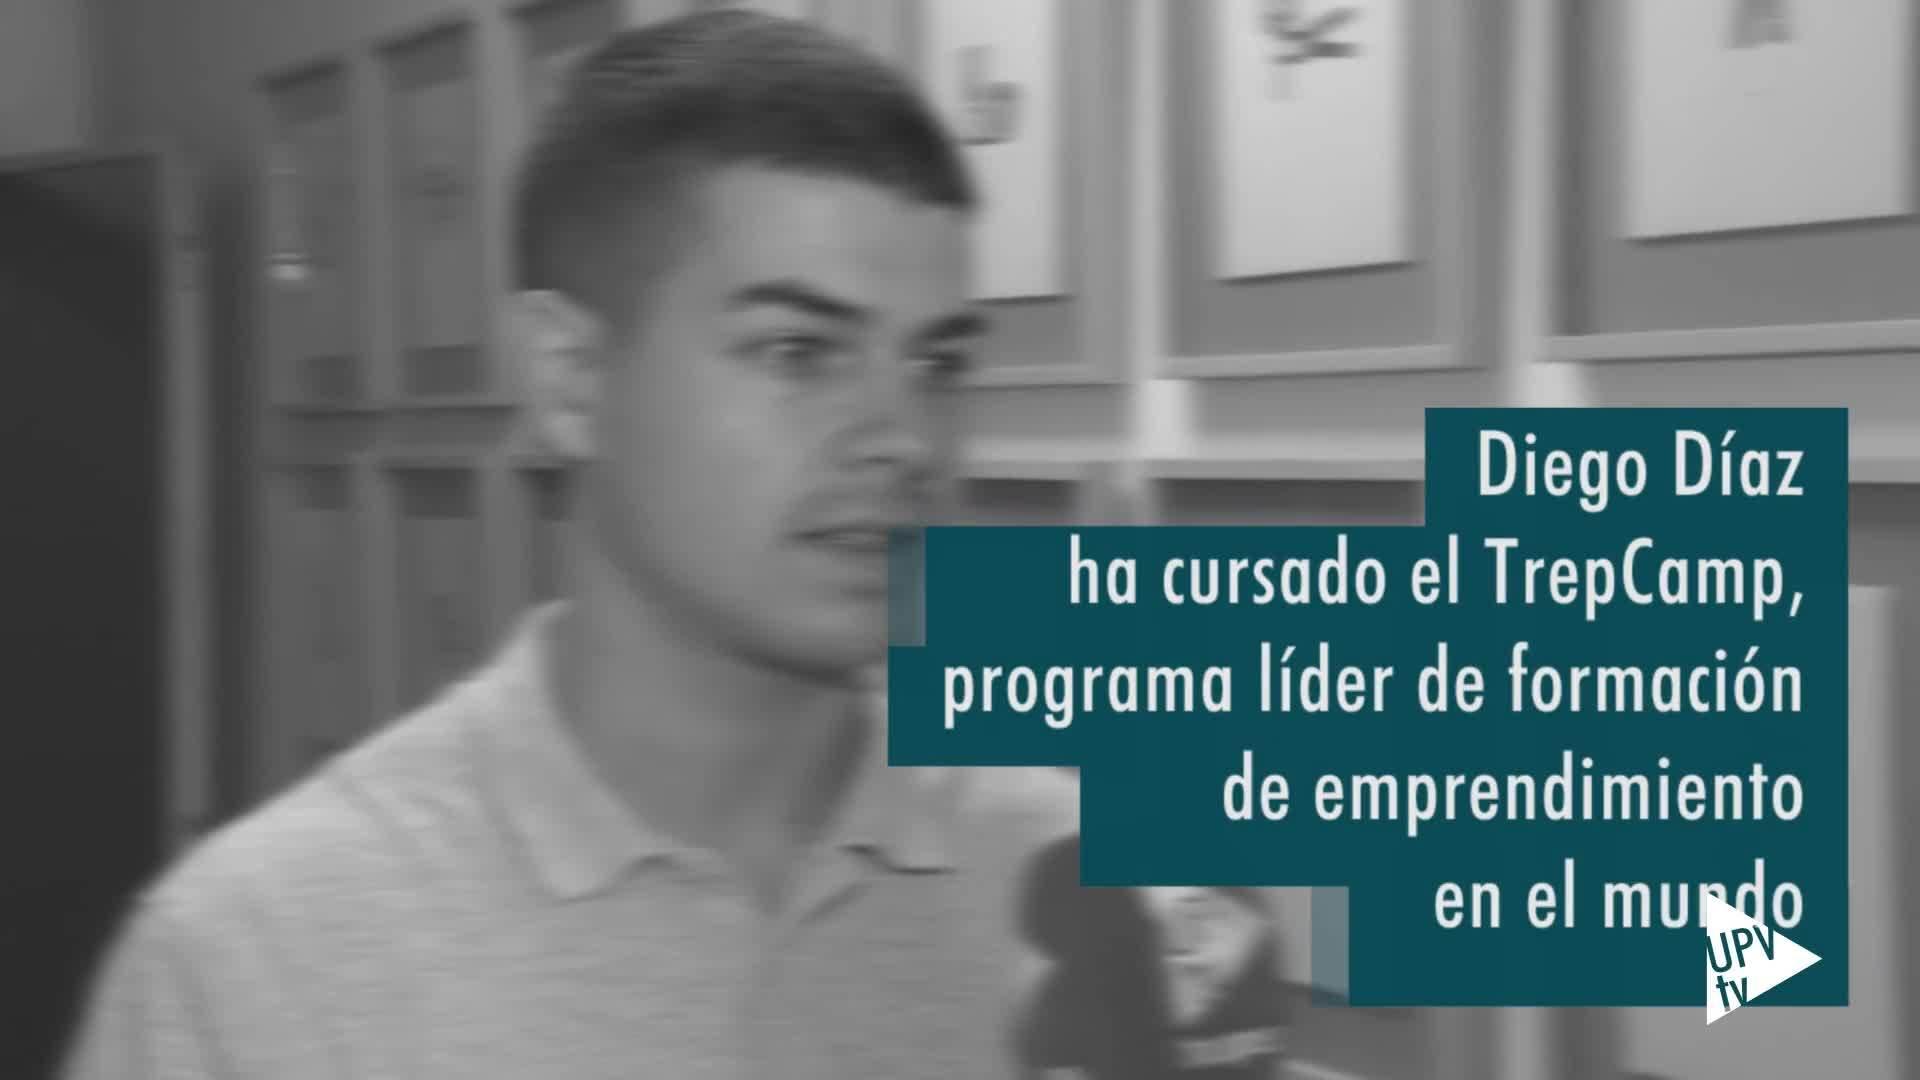 25-09-2019 Diego Díaz, ingeniero y emprendedor